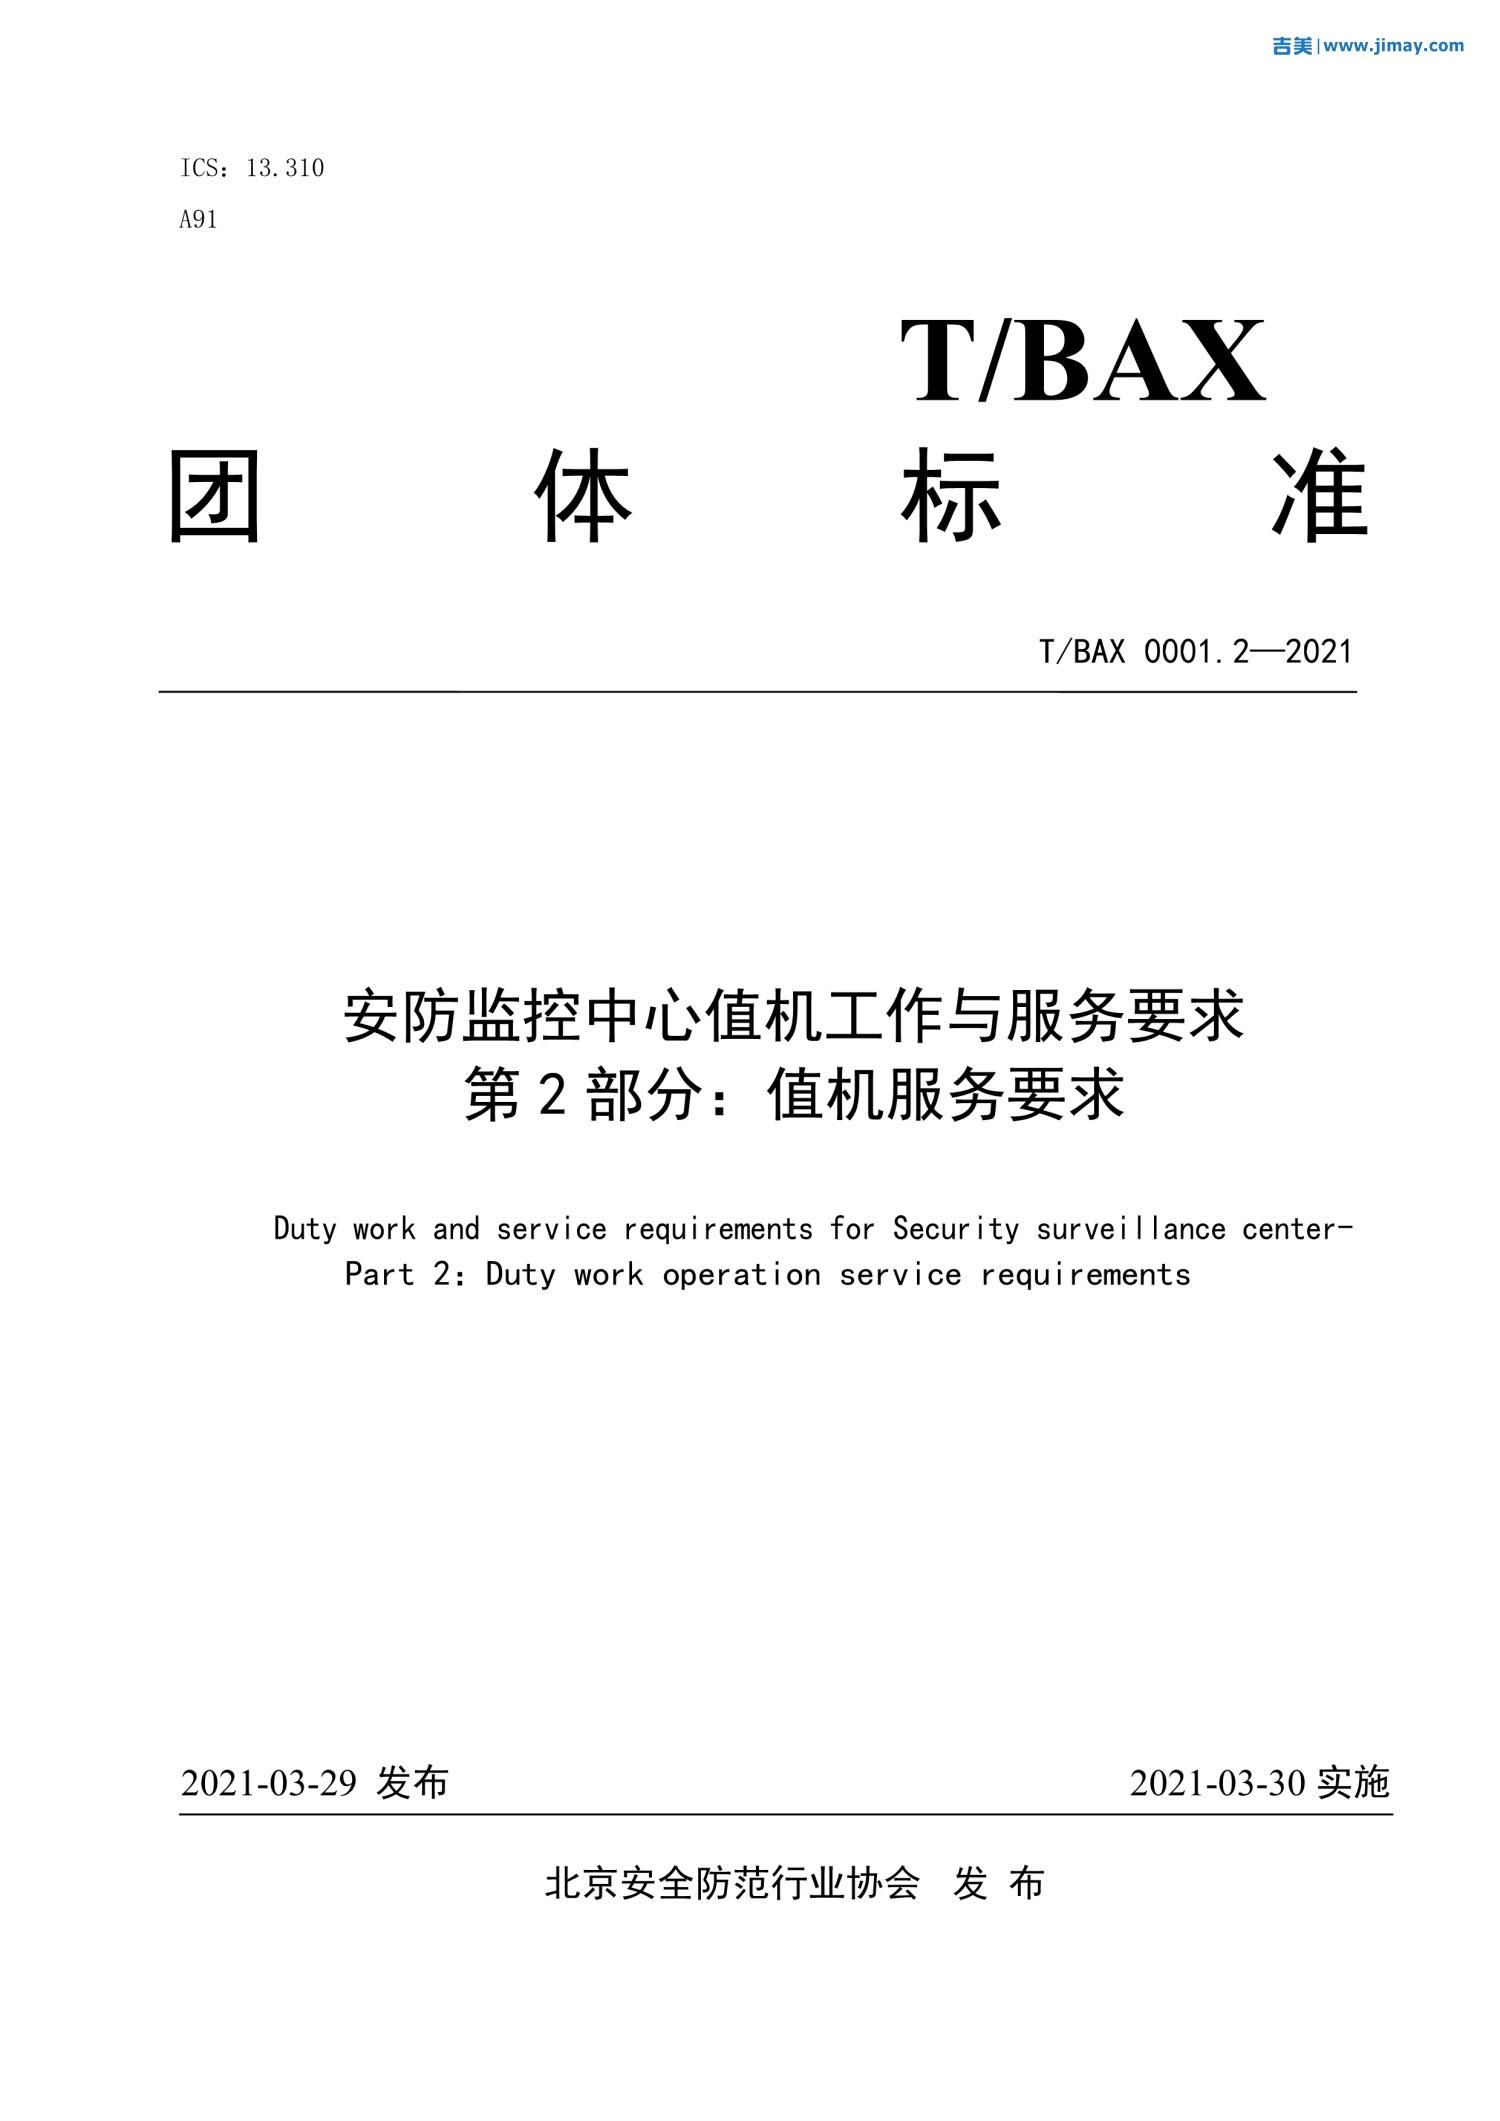 《安防监控中心值机工作与服务要求  第2部分:值机服务要求》发布